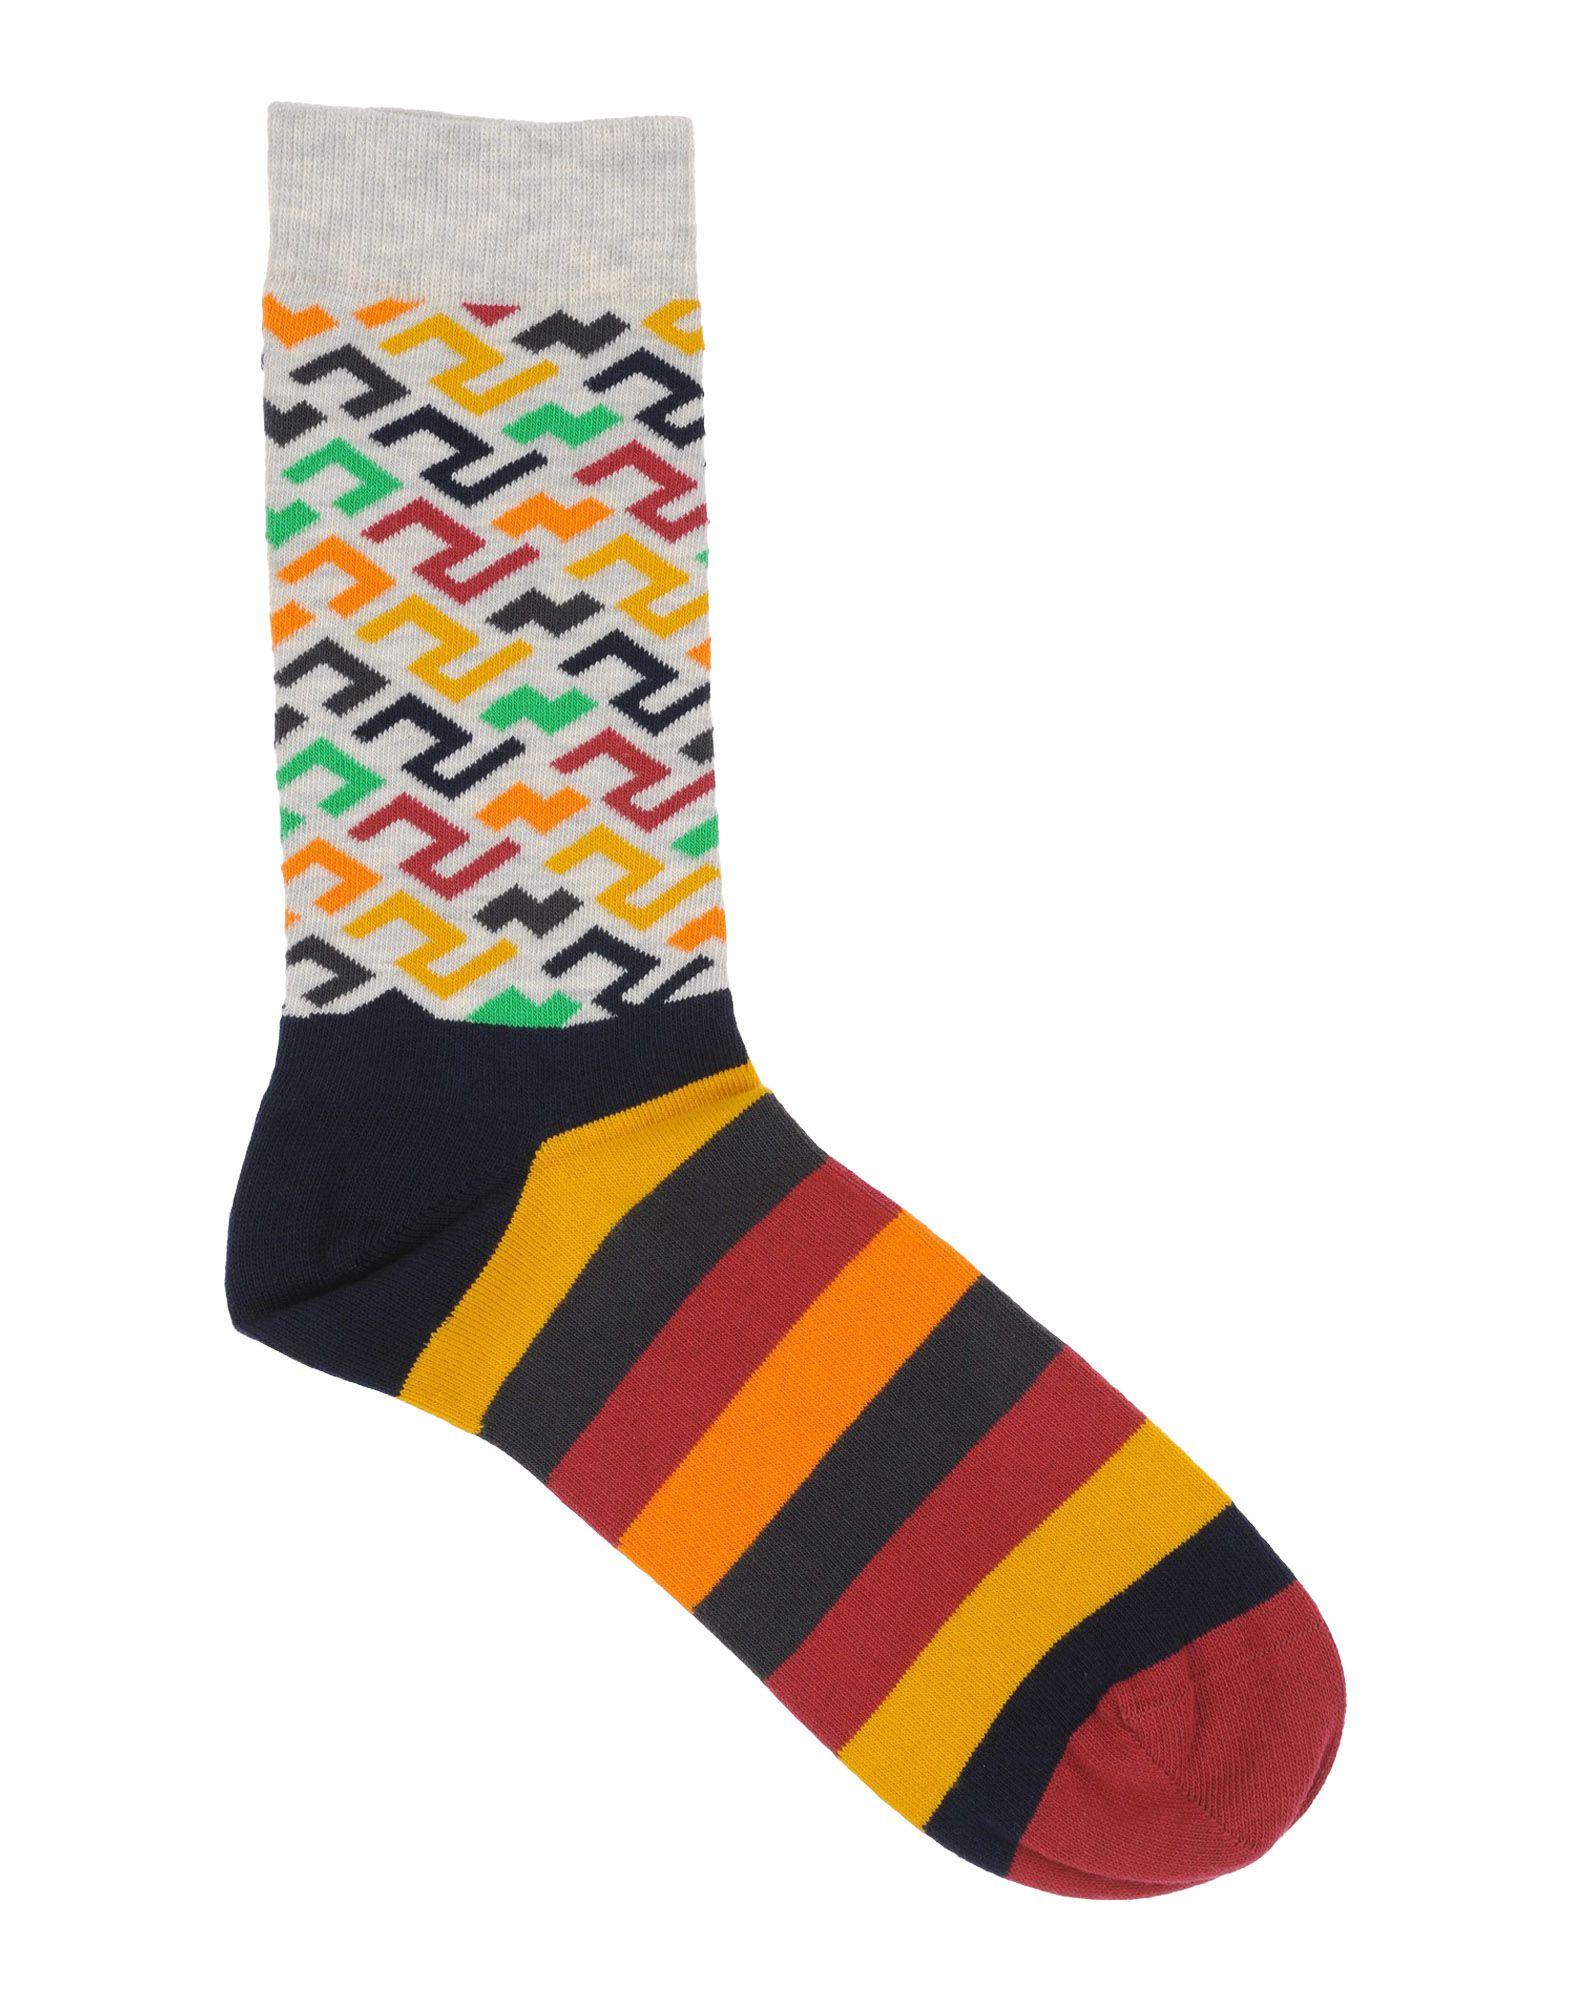 Ballonet Socks